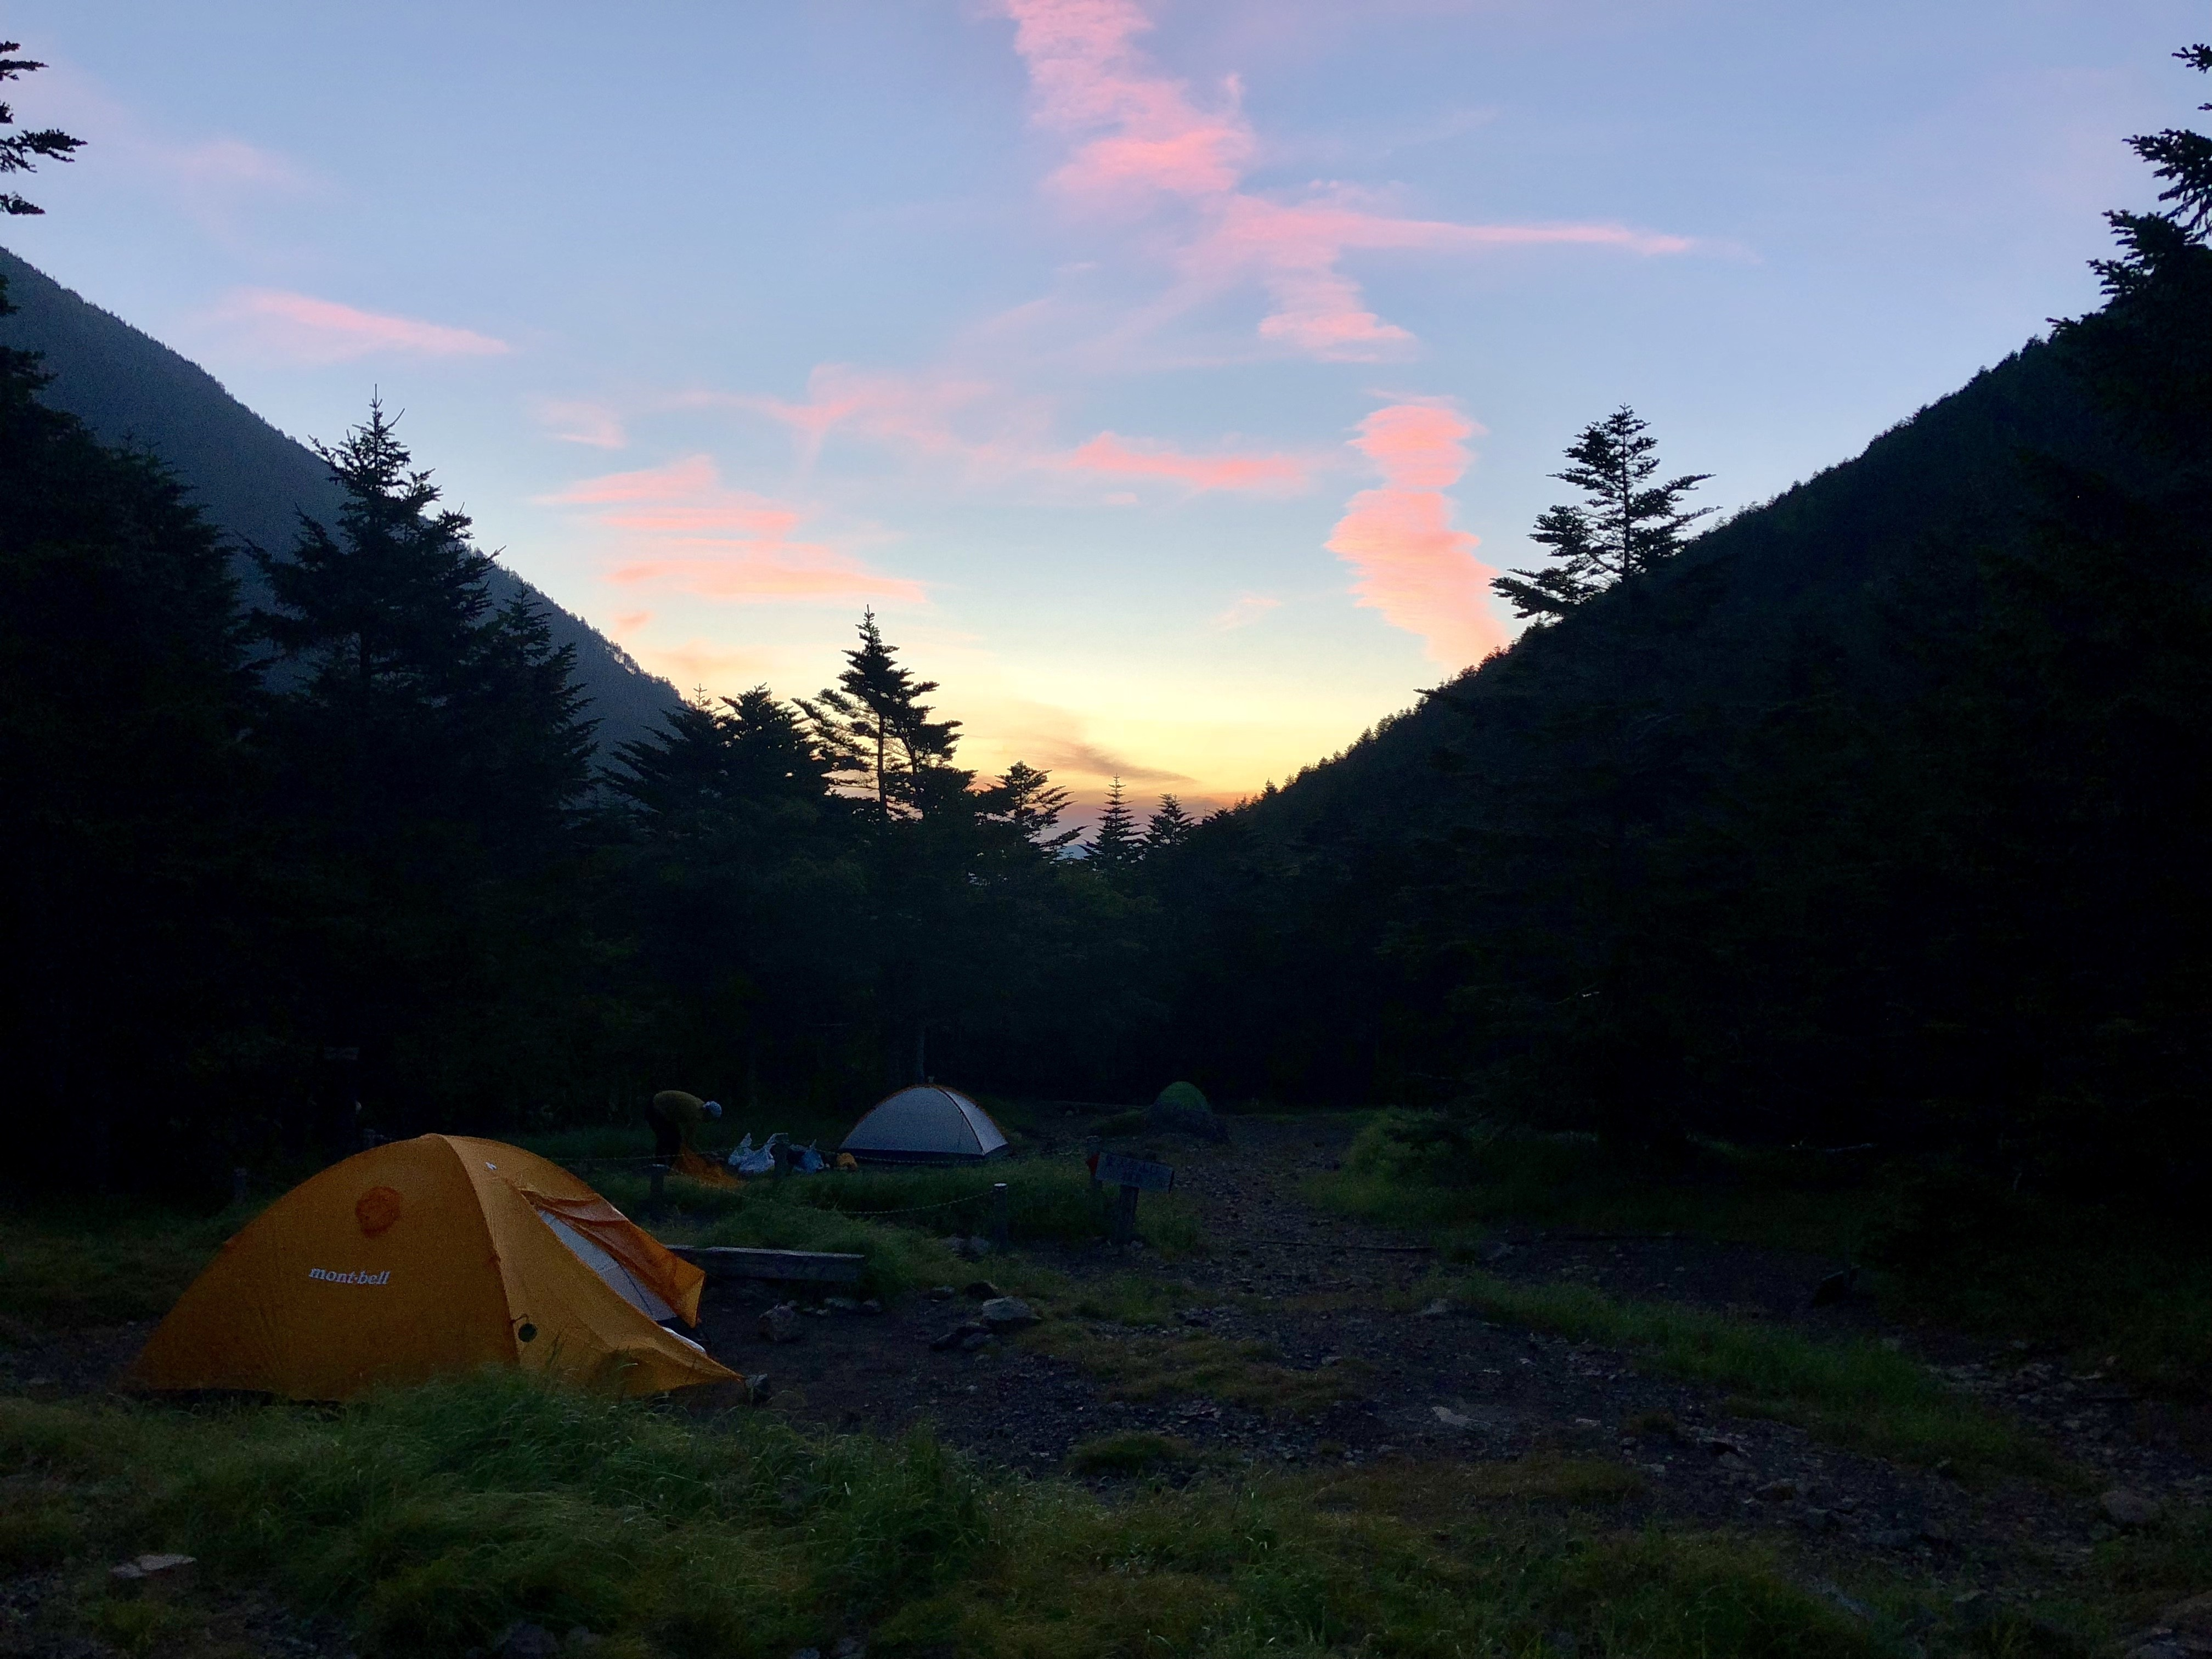 大好きなテントサイトの一つ、聖平小屋のテント場